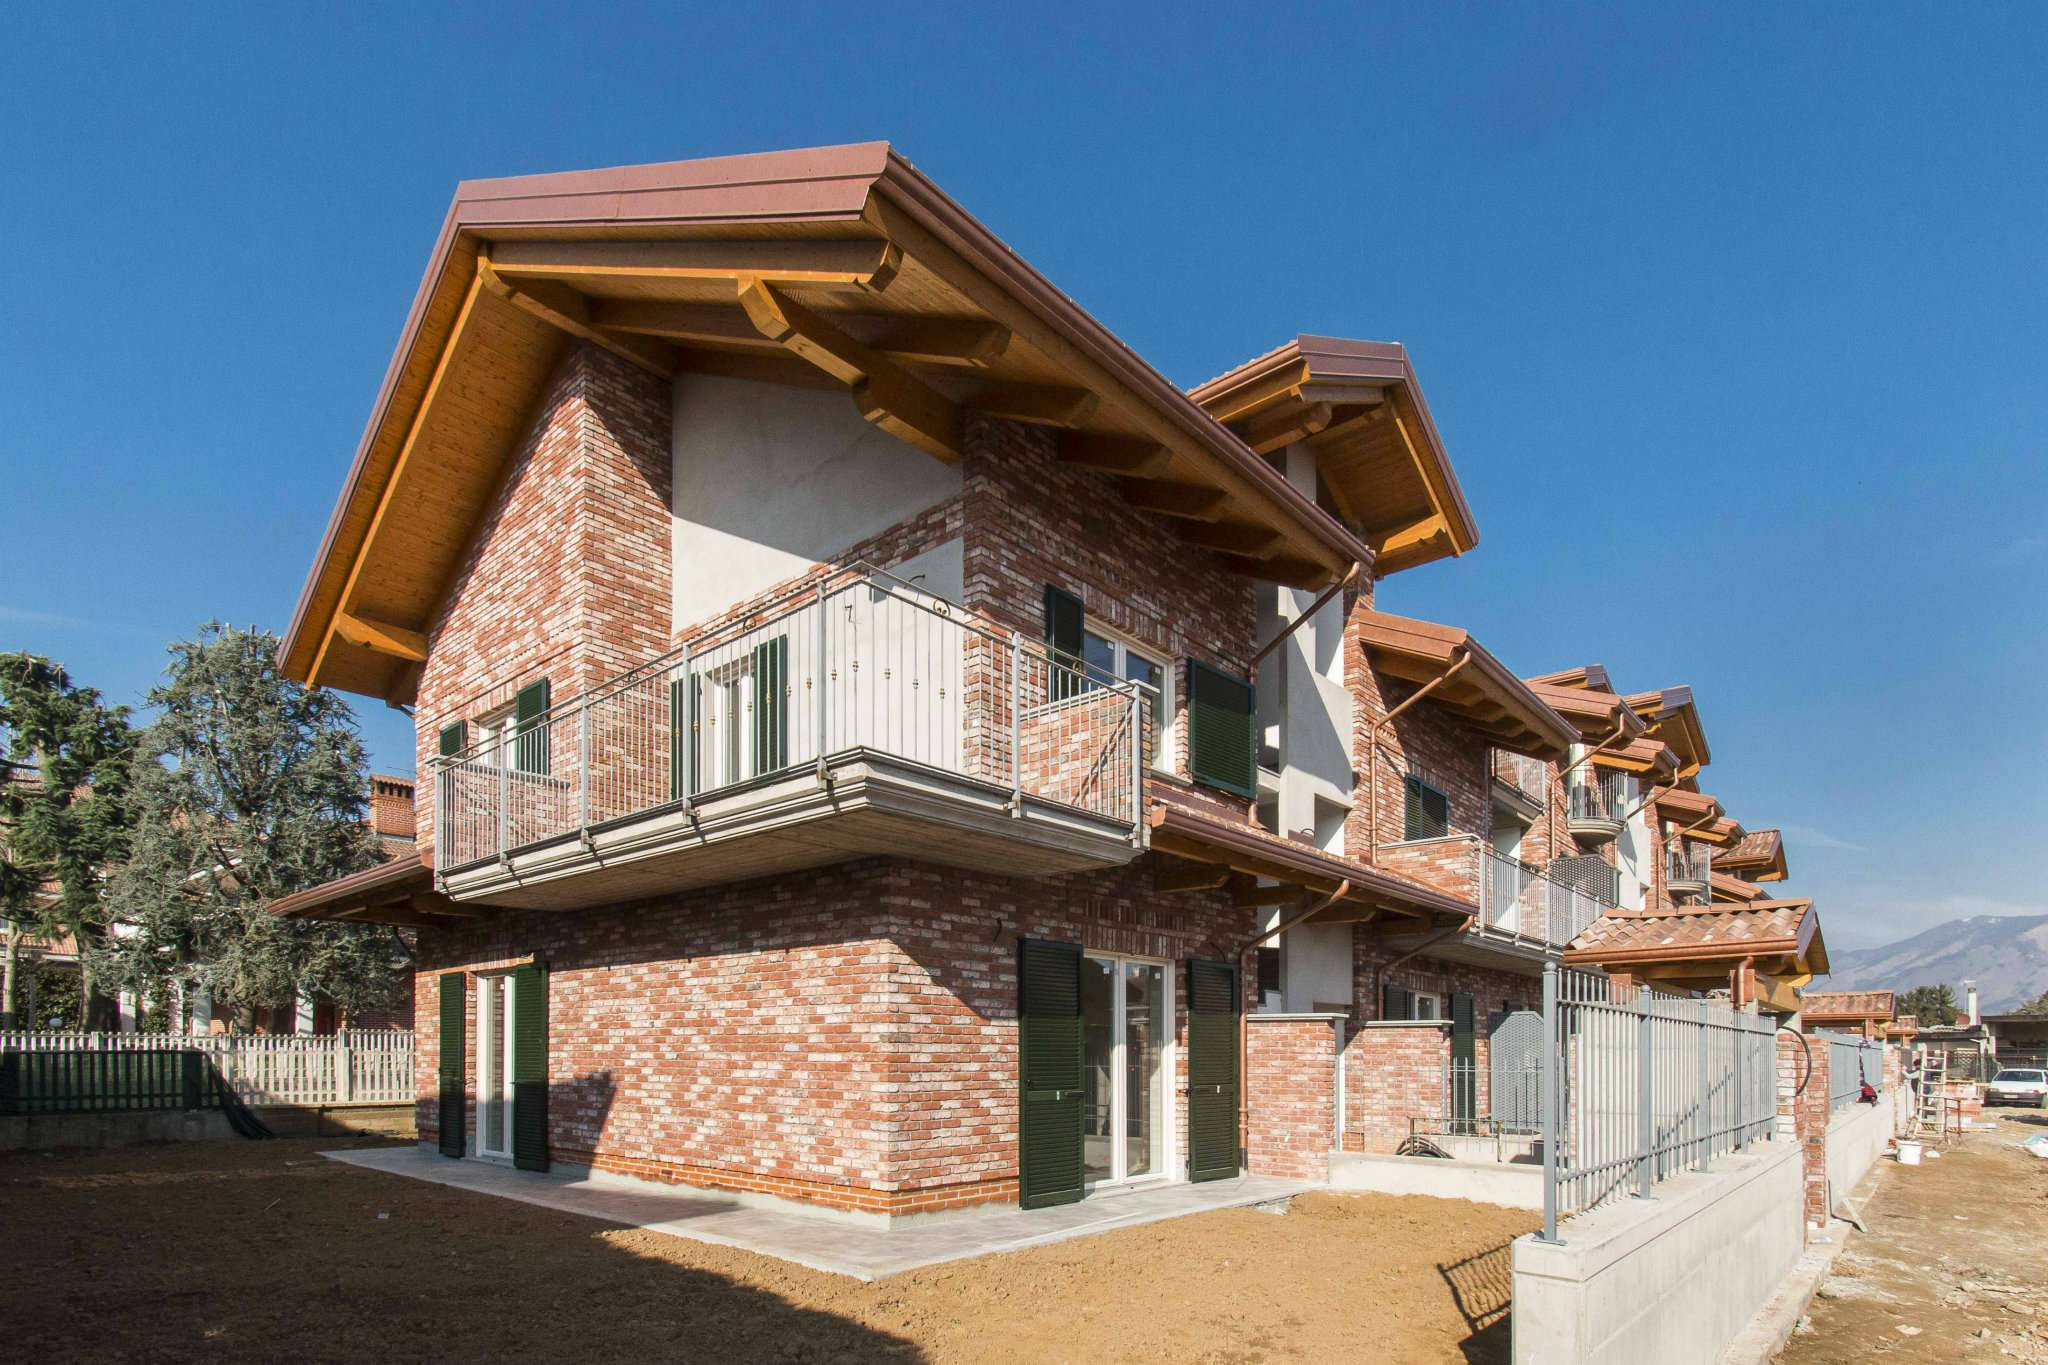 Appartamento in vendita a Alpignano, 4 locali, prezzo € 245.000 | CambioCasa.it